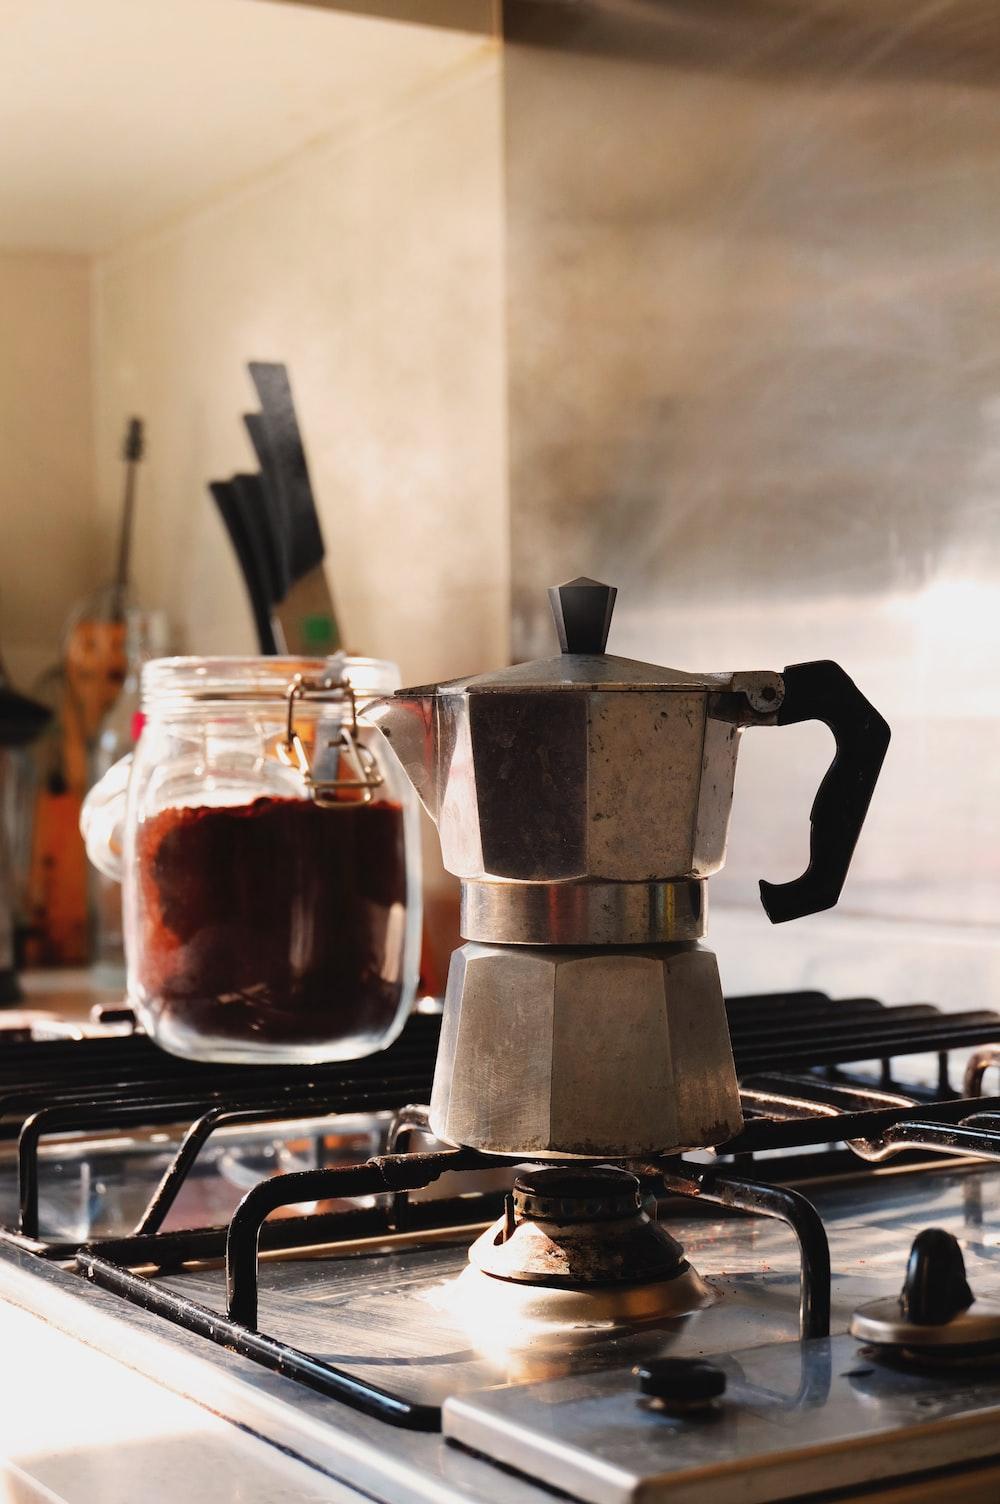 gray and black moka pot on top of gray gas range oven